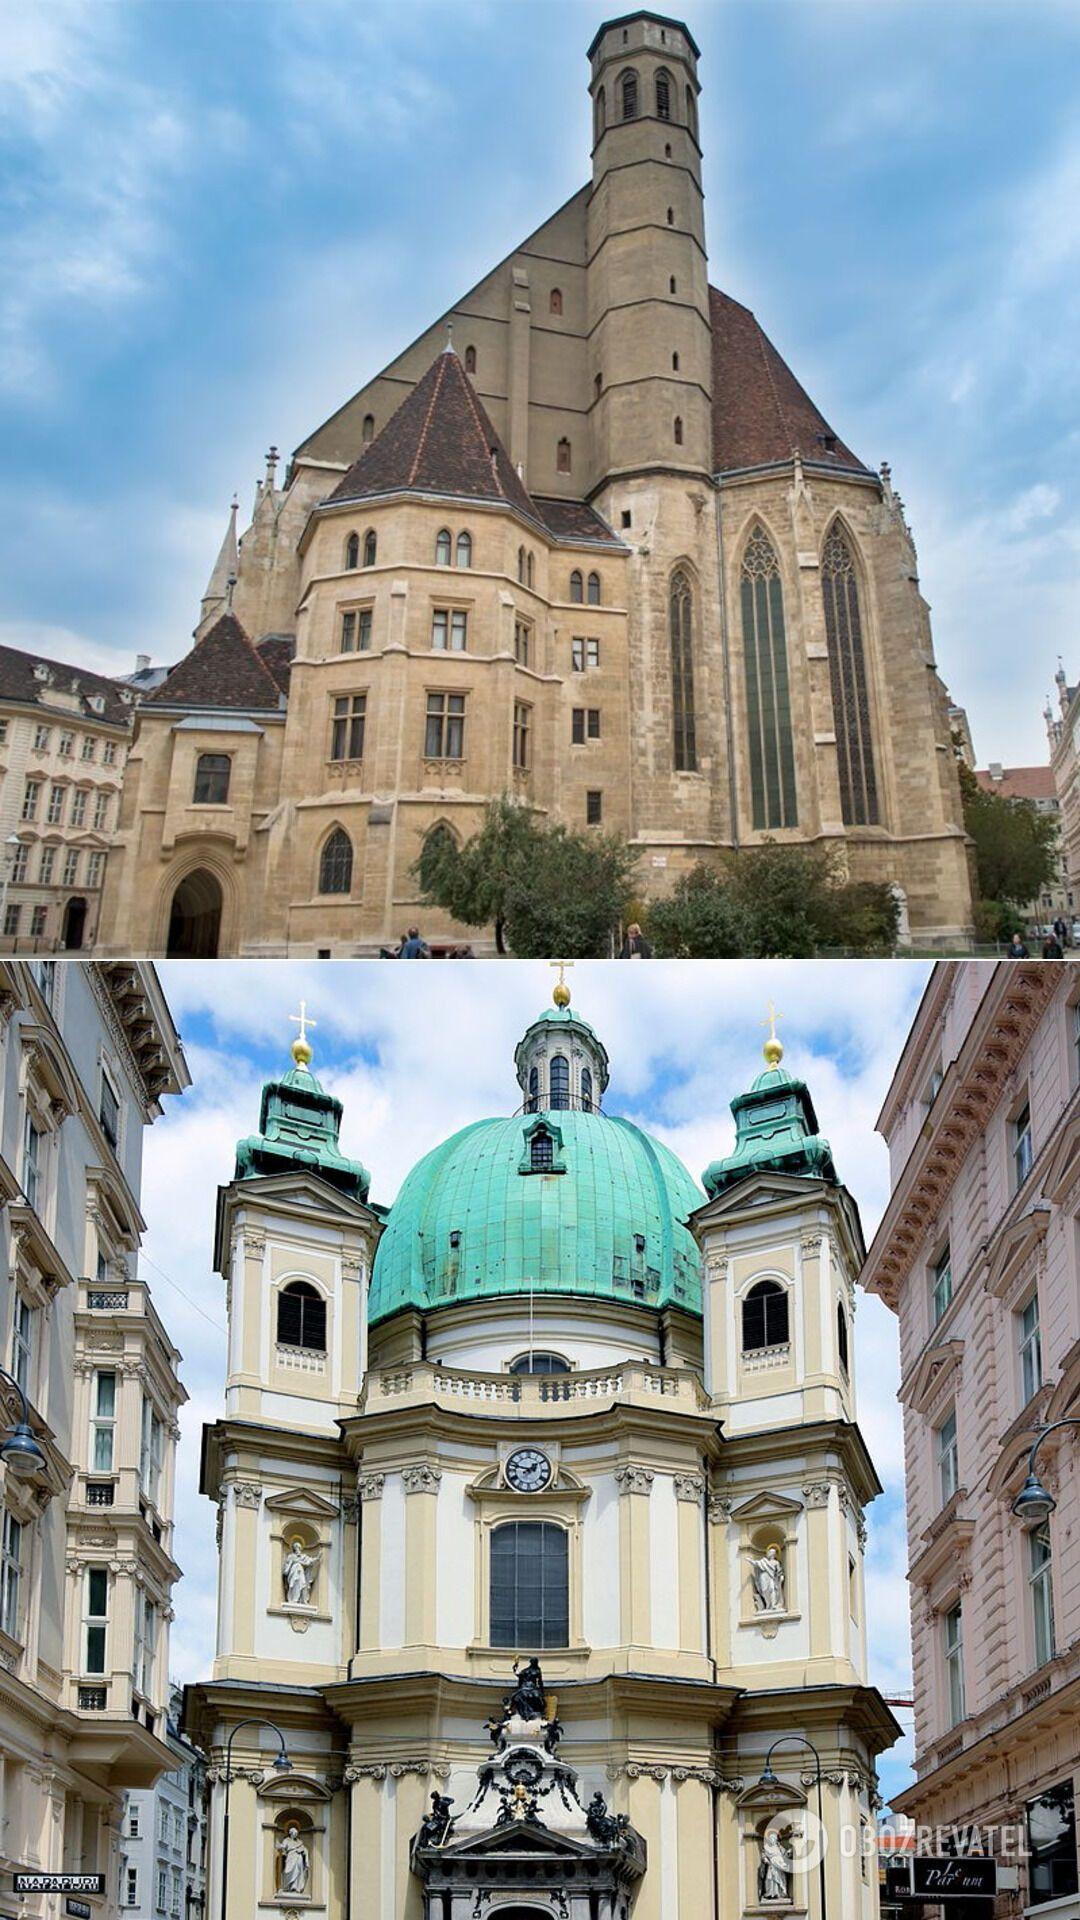 Похожая на космический корабль церковь миноритов и Петерскирхе, где проходят прекрасные концерты органной музыки.